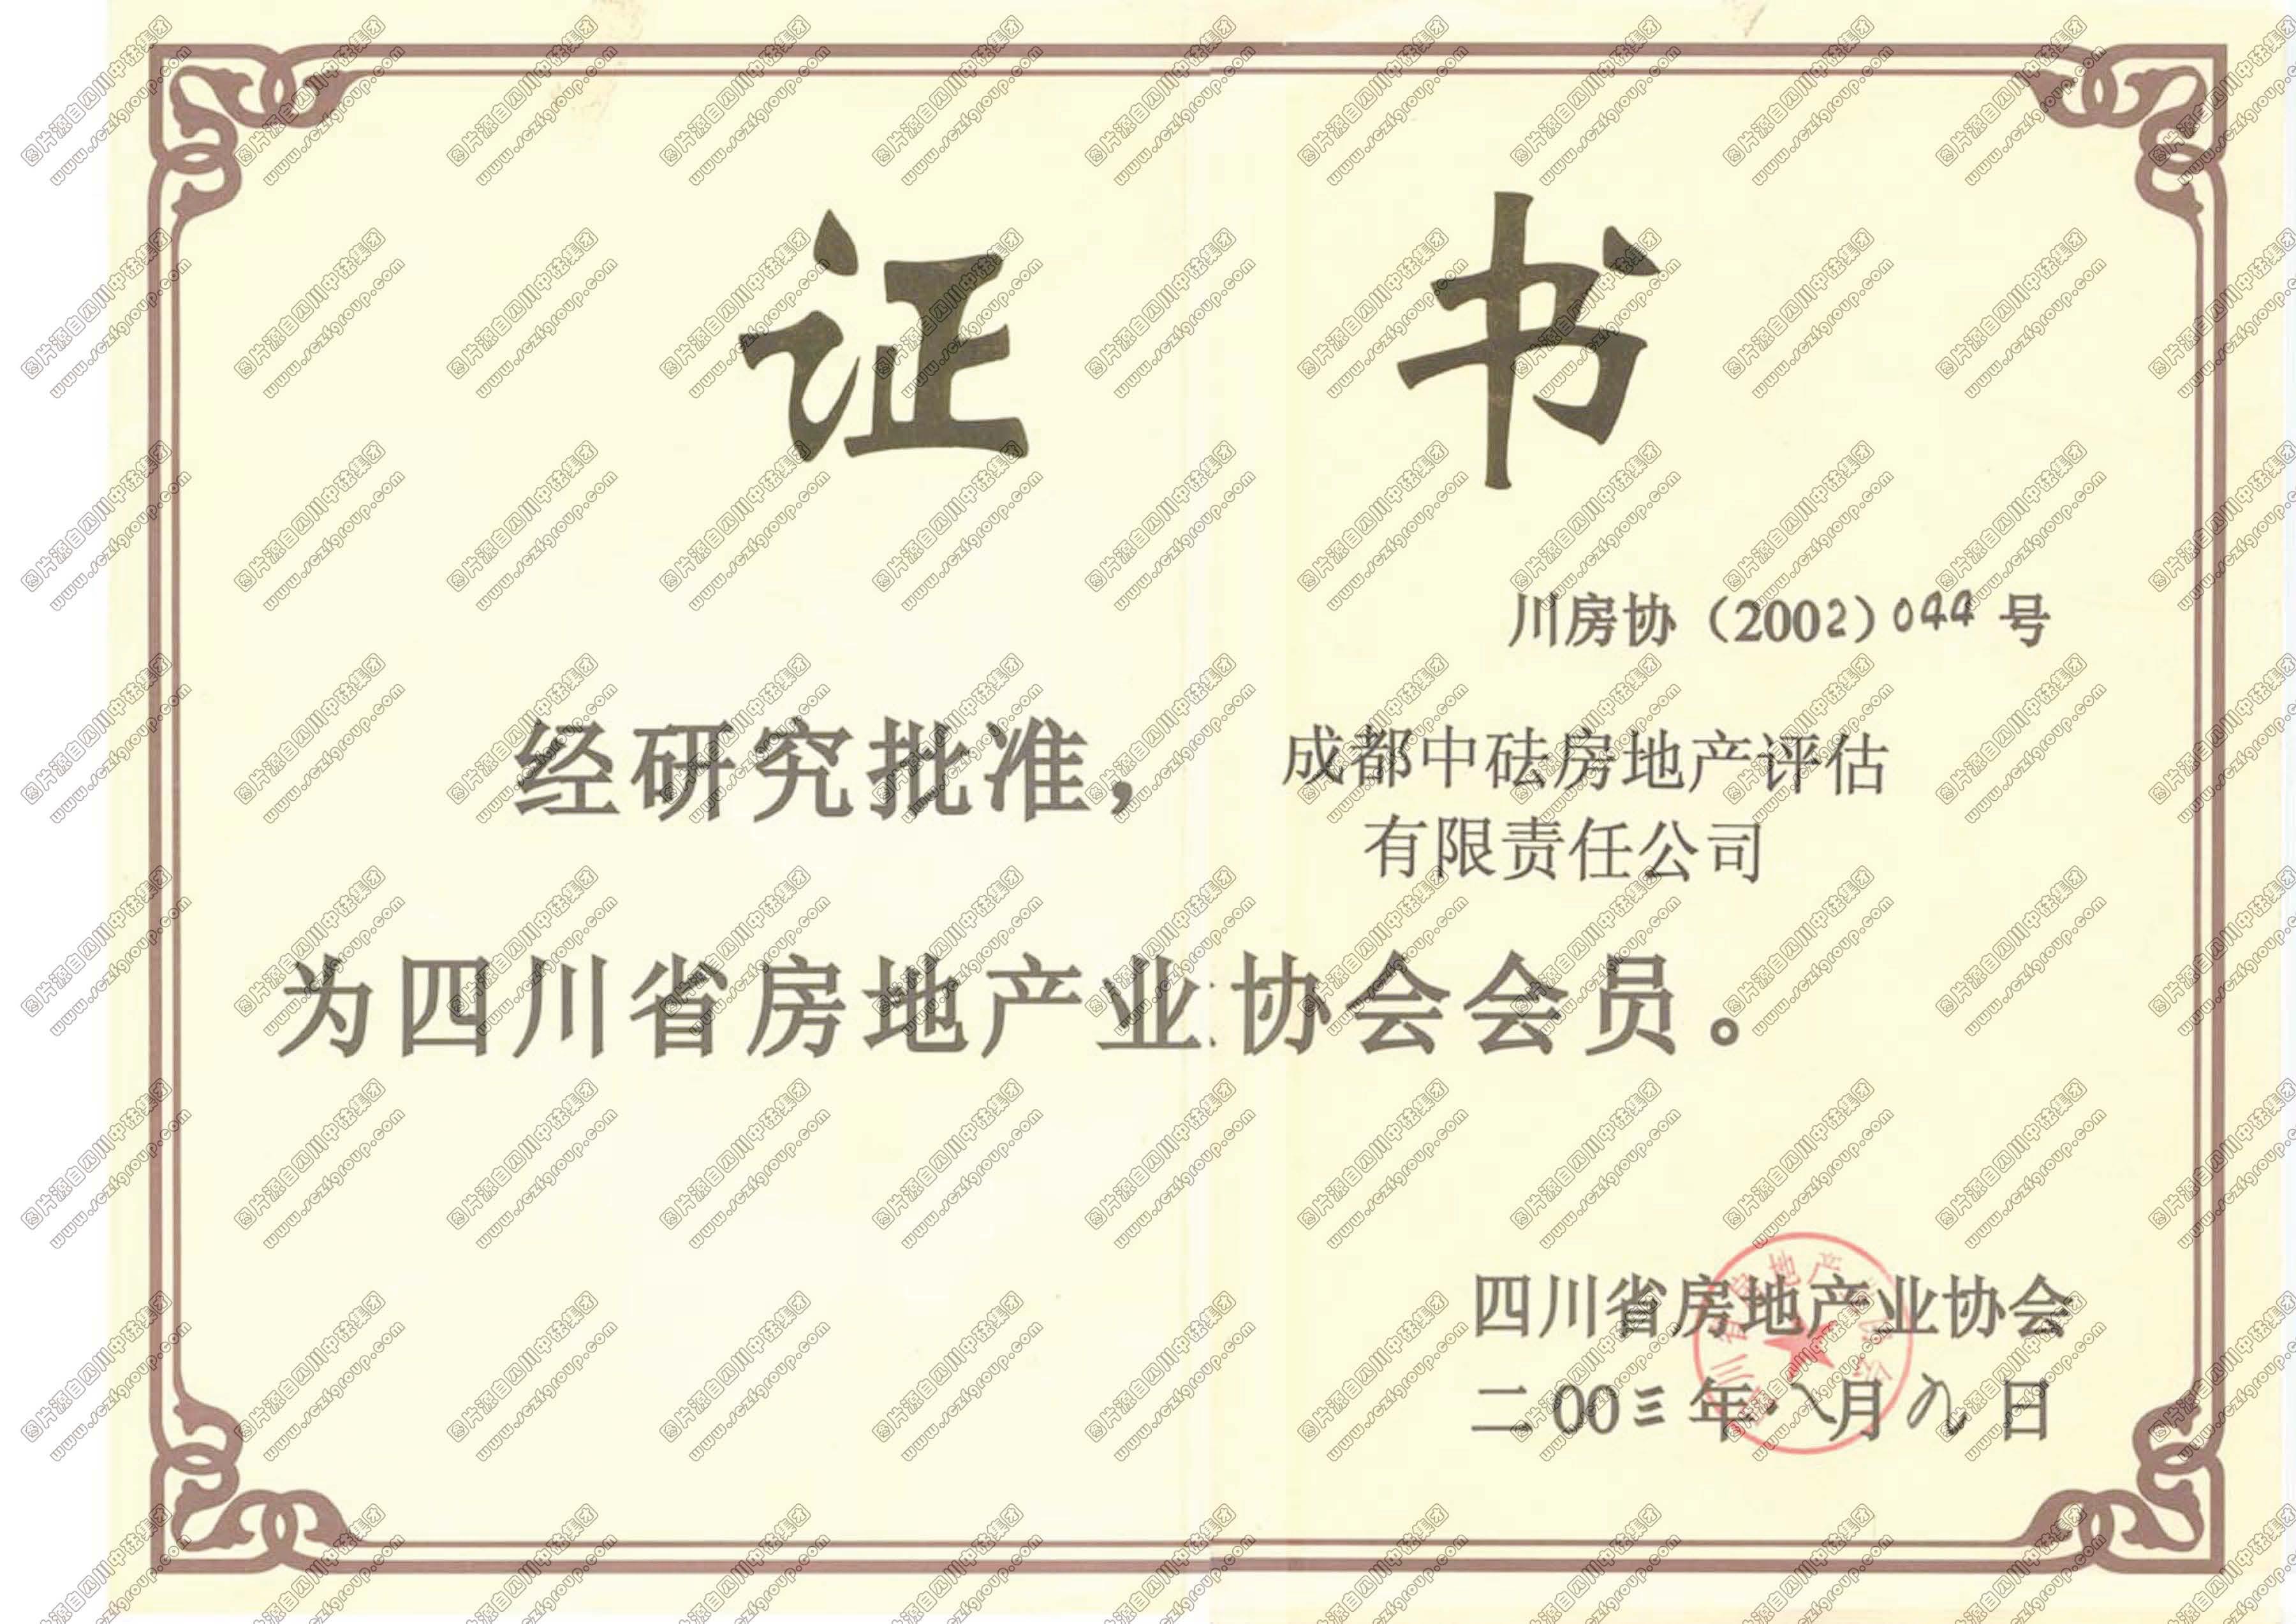 四川省房地产协会会员证书